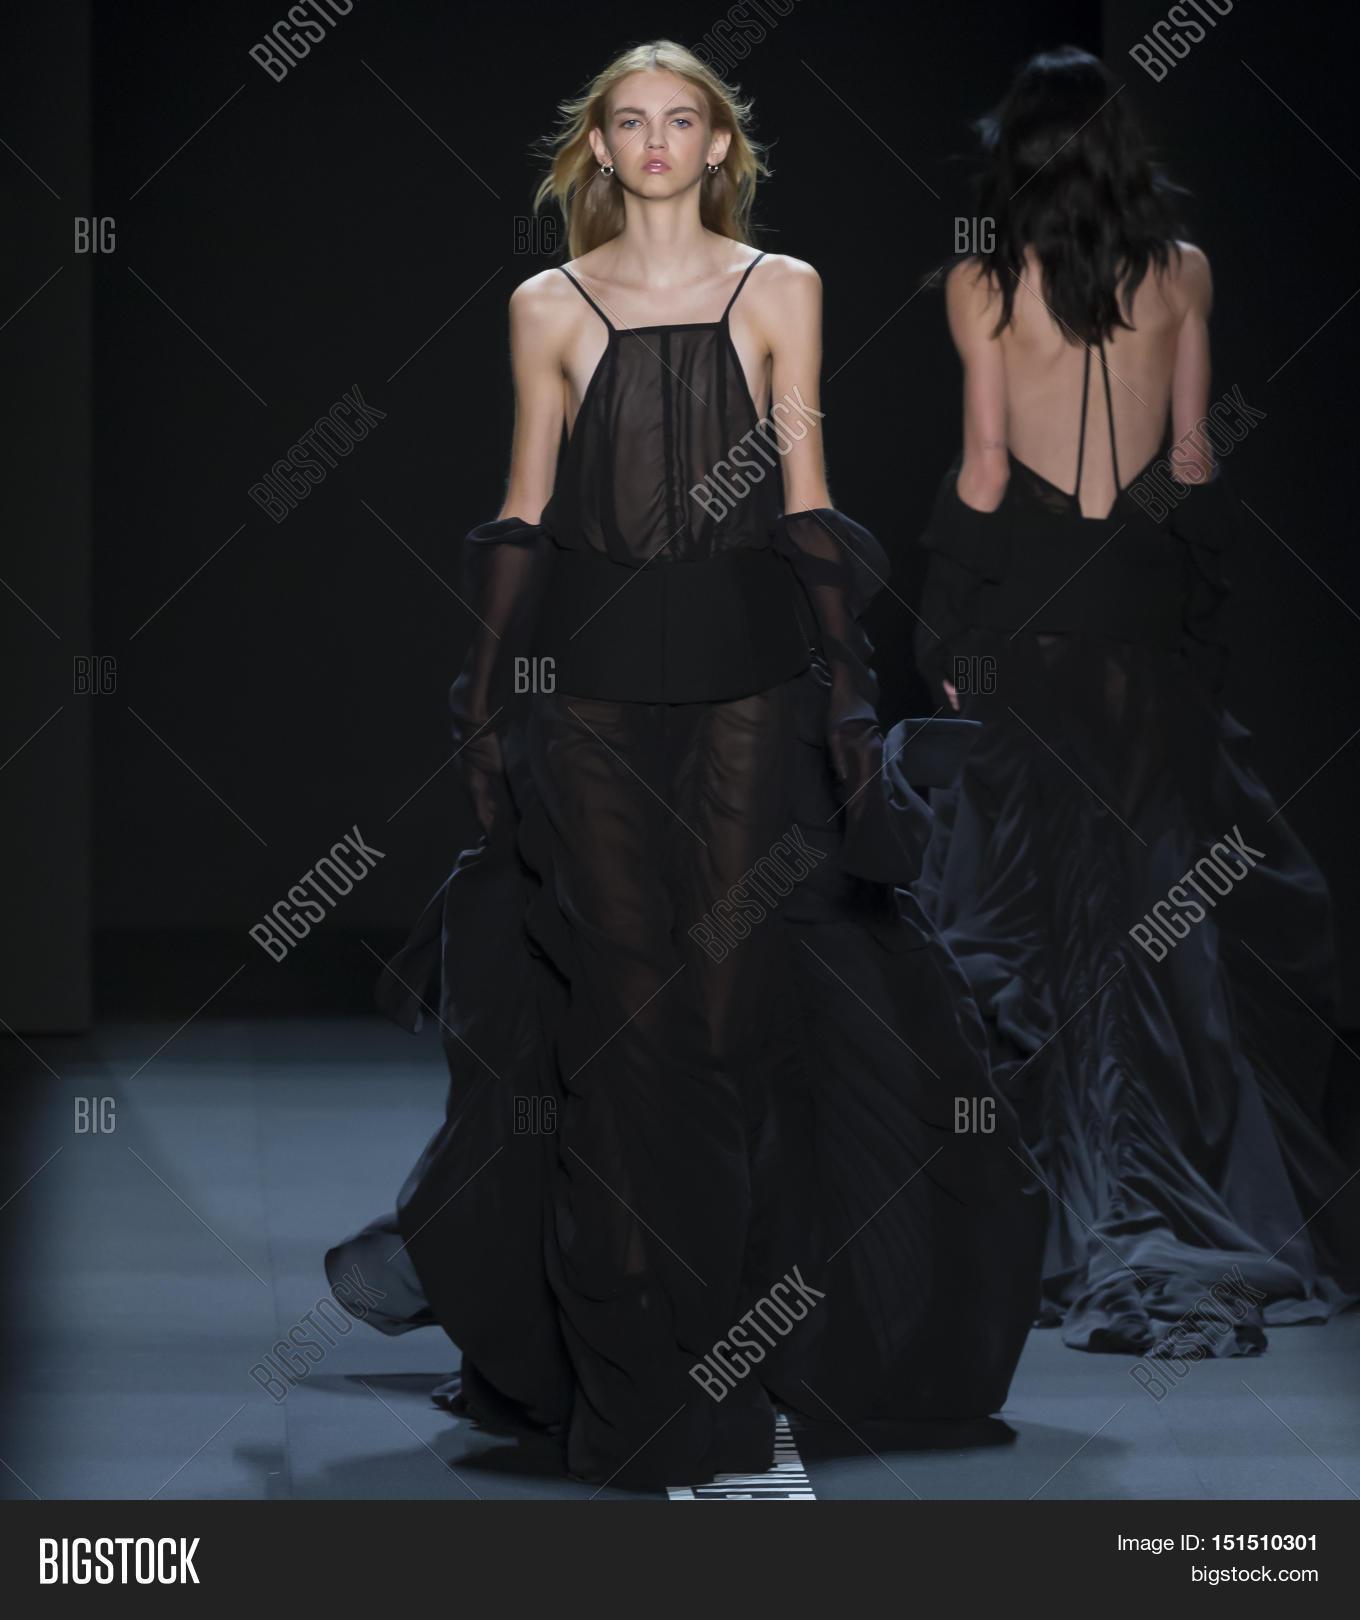 e03c97a71548 NEW YORK NY - SEPTEMBER 13 2016  Molly Bair walks the runway at the Vera  Wang Spring Summer 2017 fashion show during New York Fashion Week